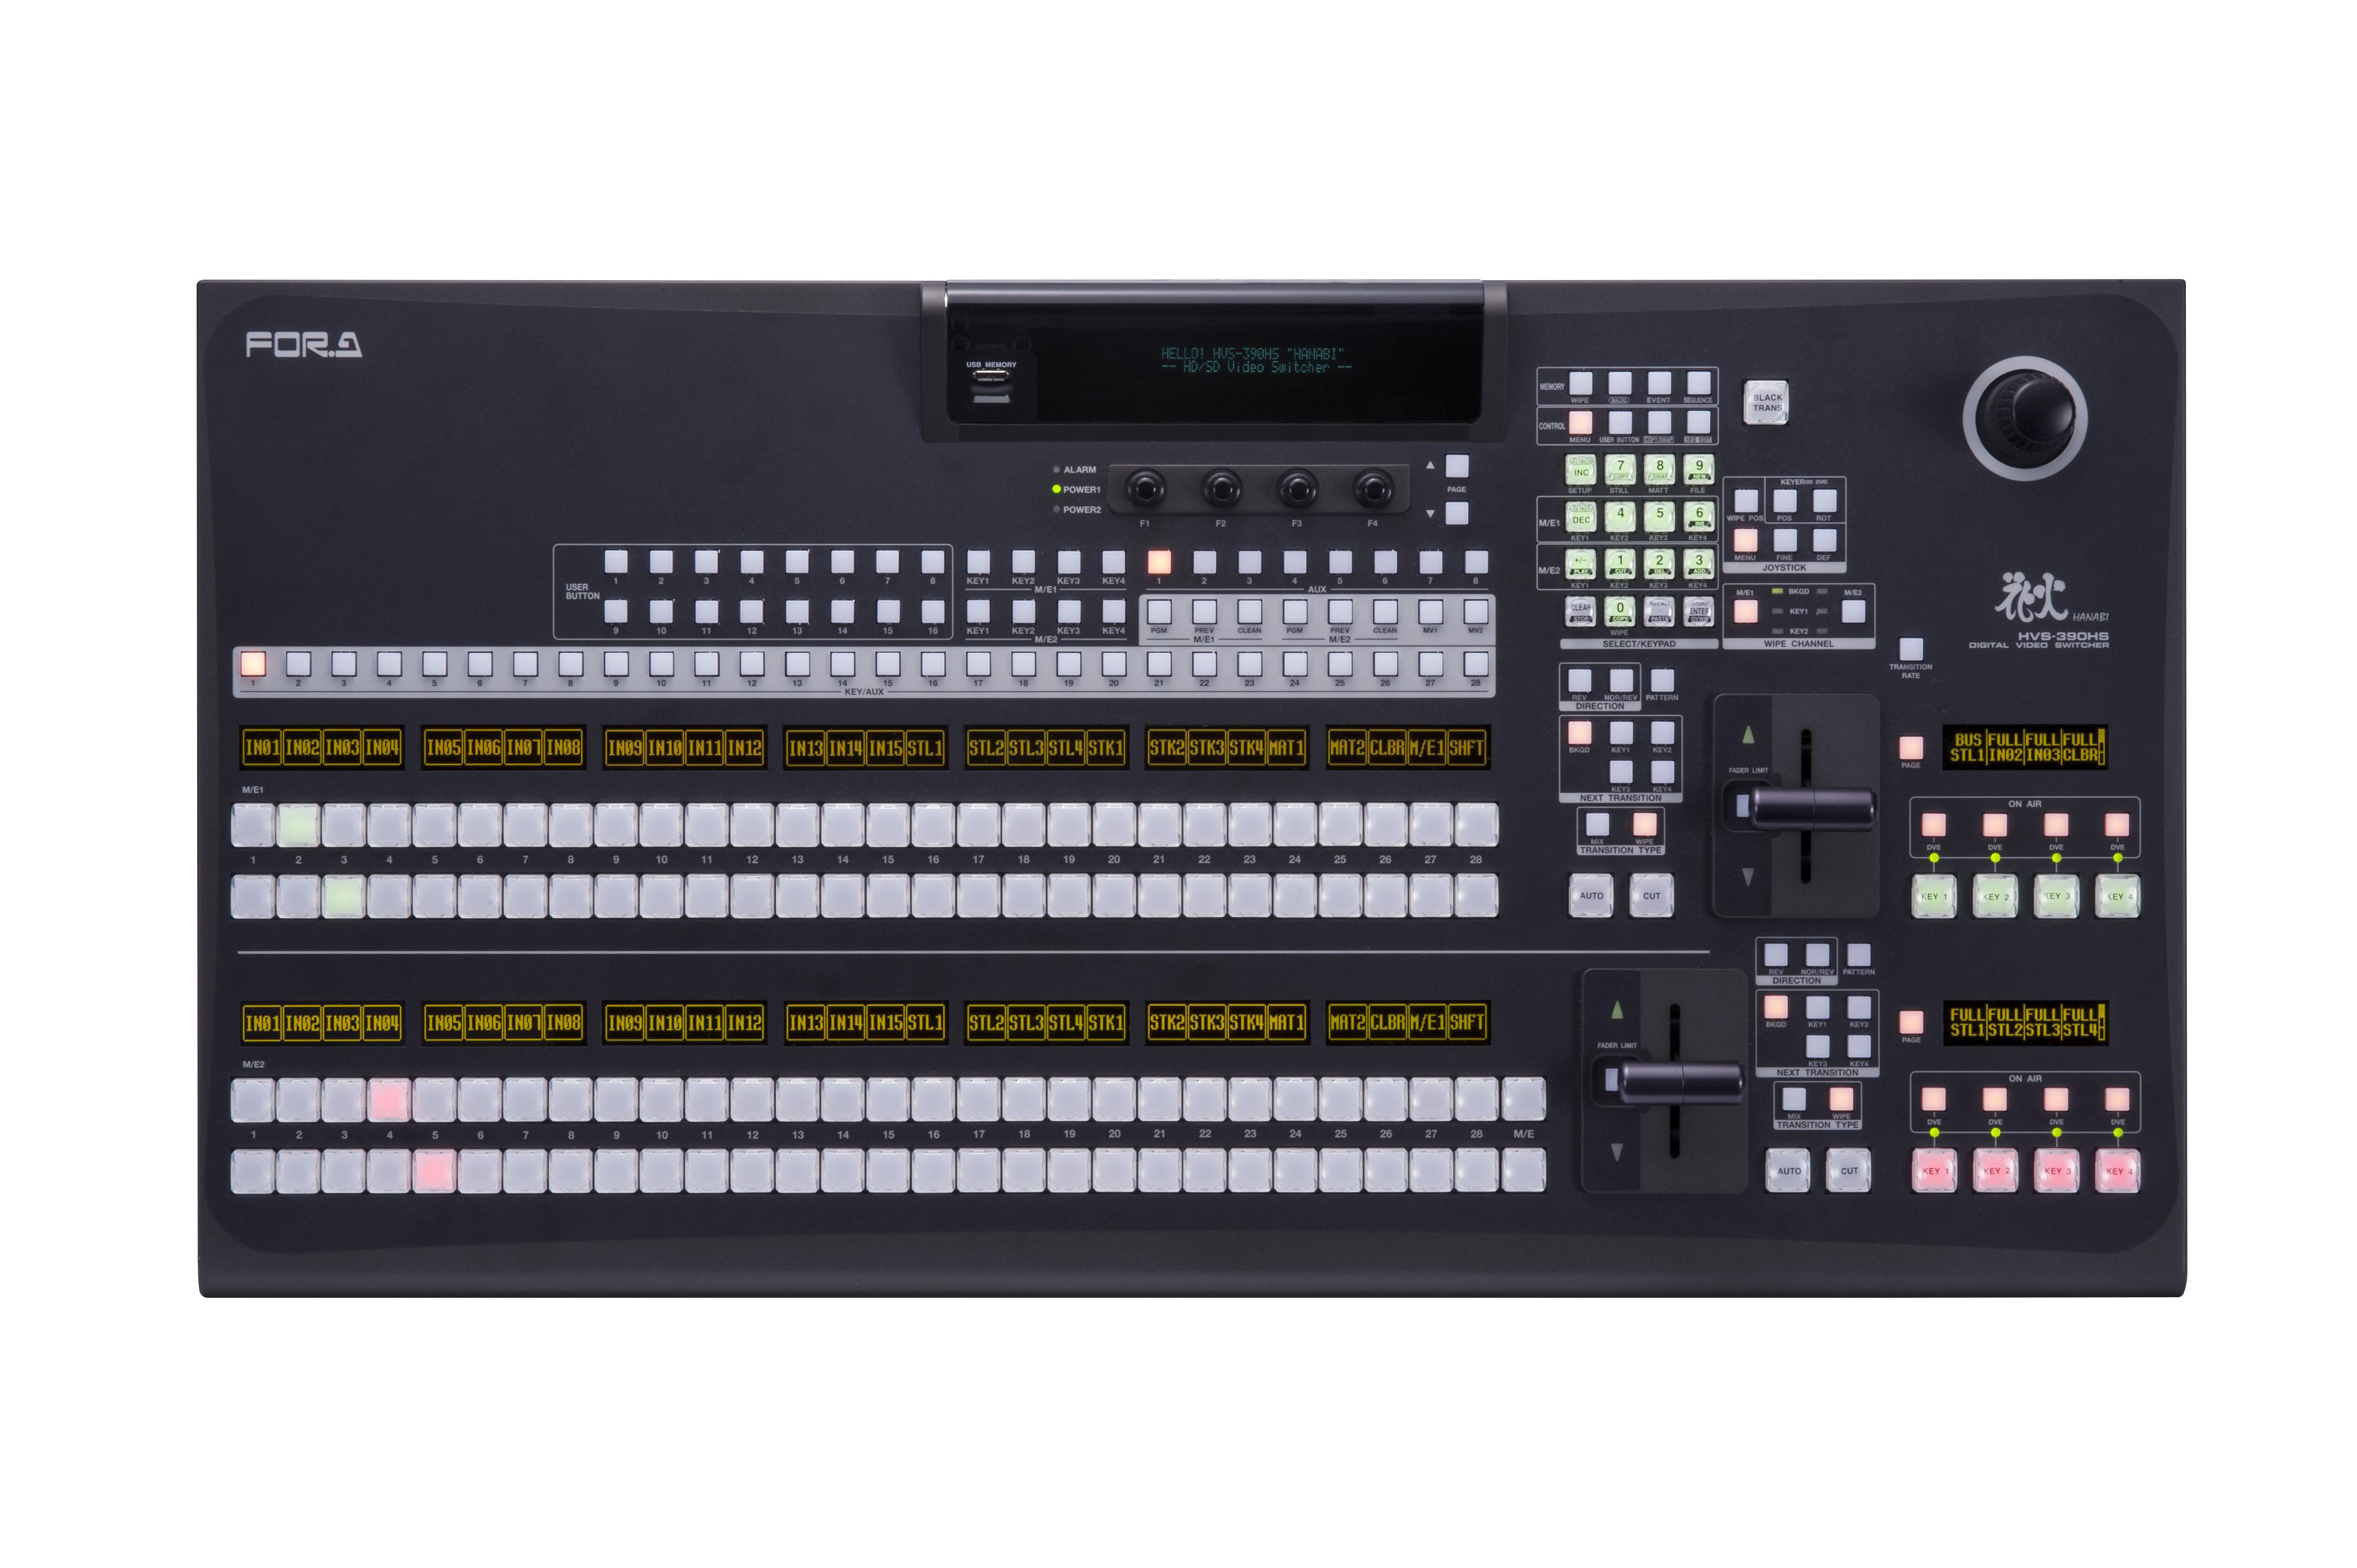 Видео микшер от For-A HVS-390HS - 2013